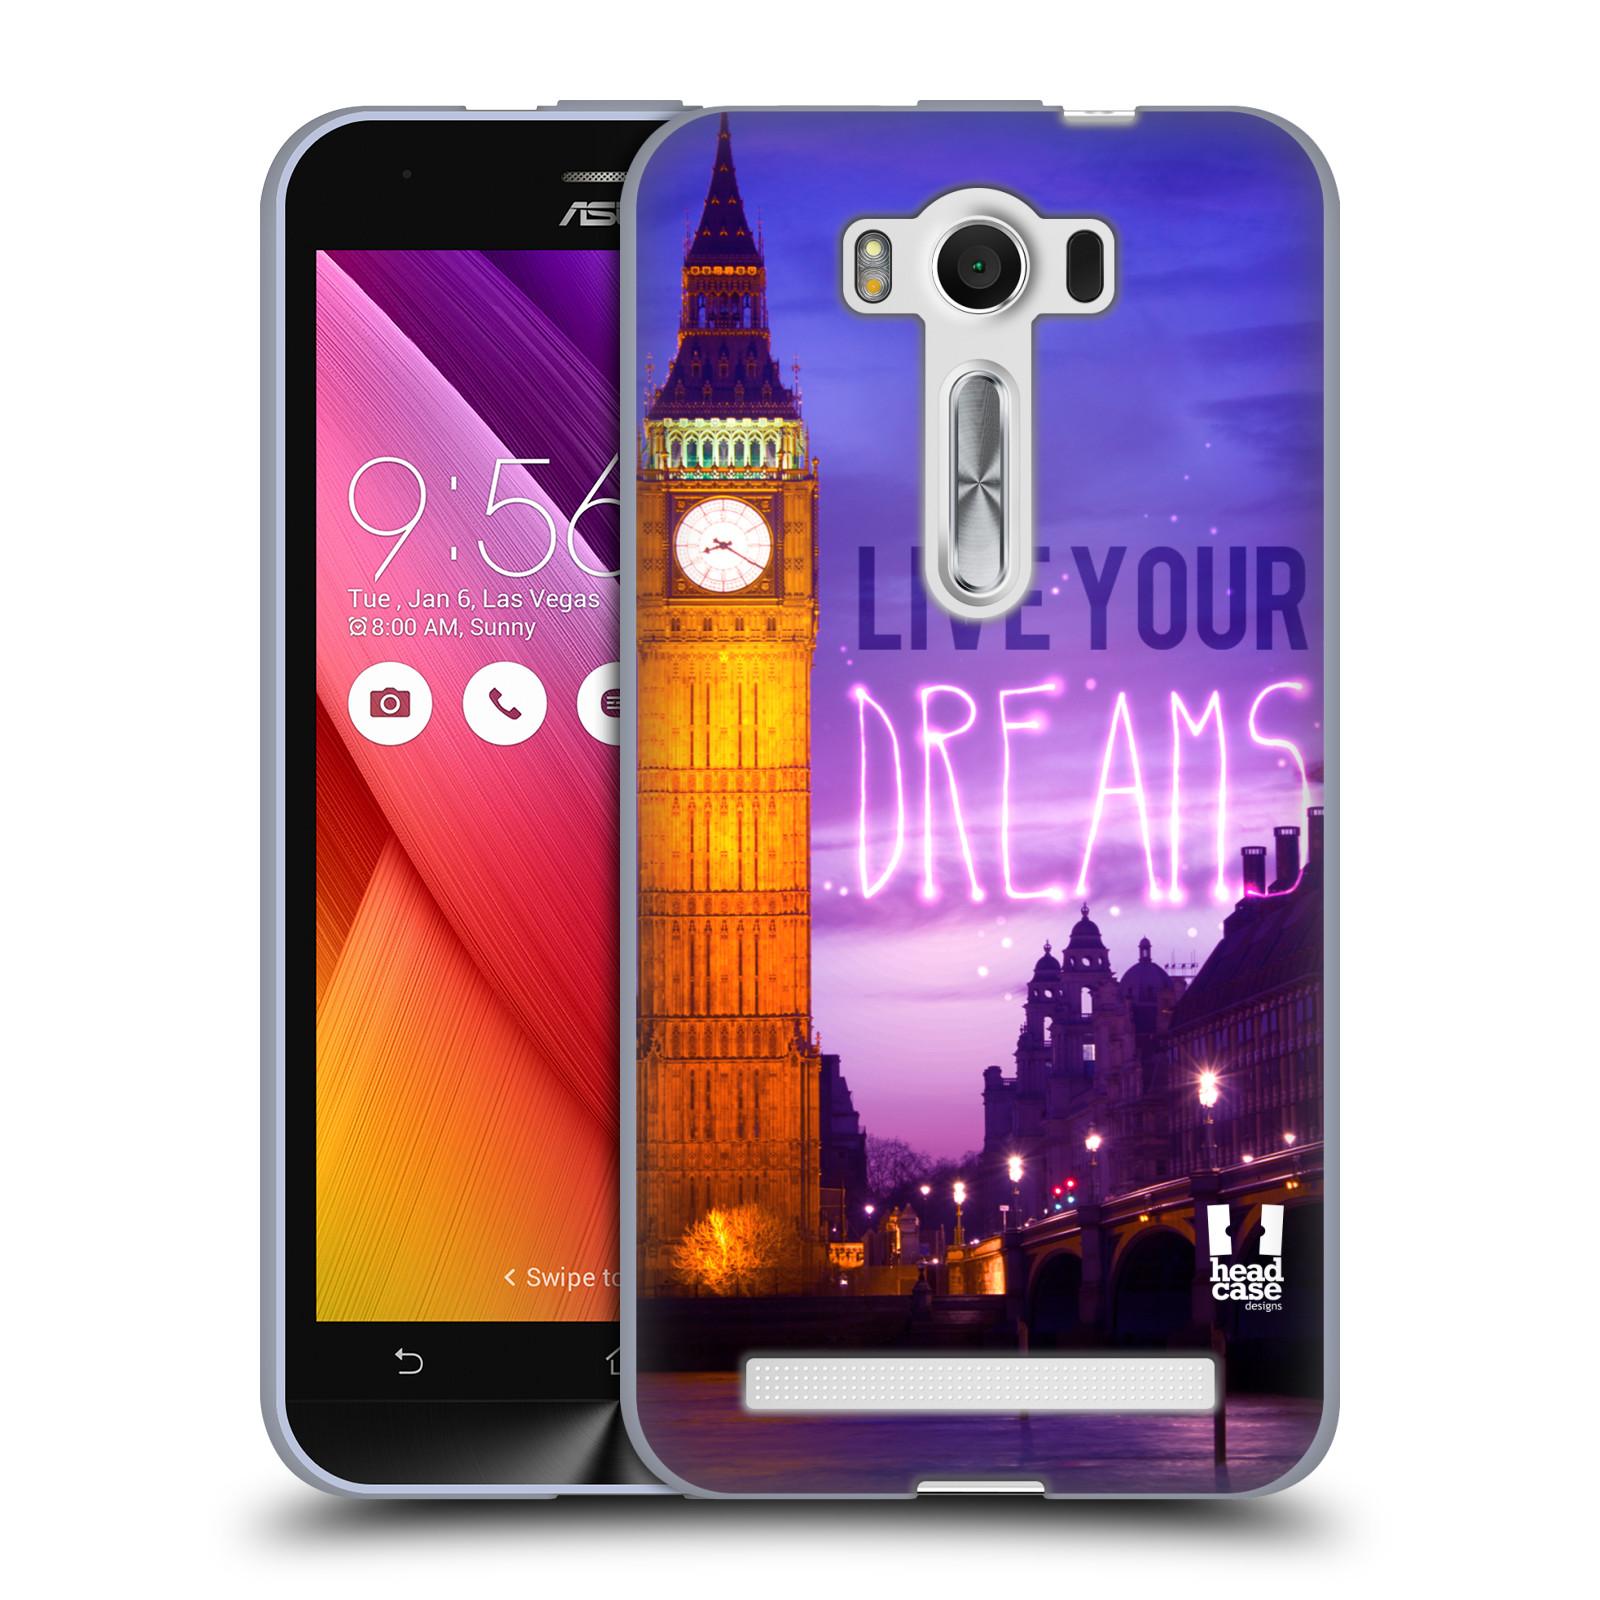 """Silikonové pouzdro na mobil Asus ZenFone 2 Laser ZE500KL HEAD CASE DREAMS (Silikonový kryt či obal na mobilní telefon Asus ZenFone 2 Laser ZE500KL s 5"""" displejem)"""